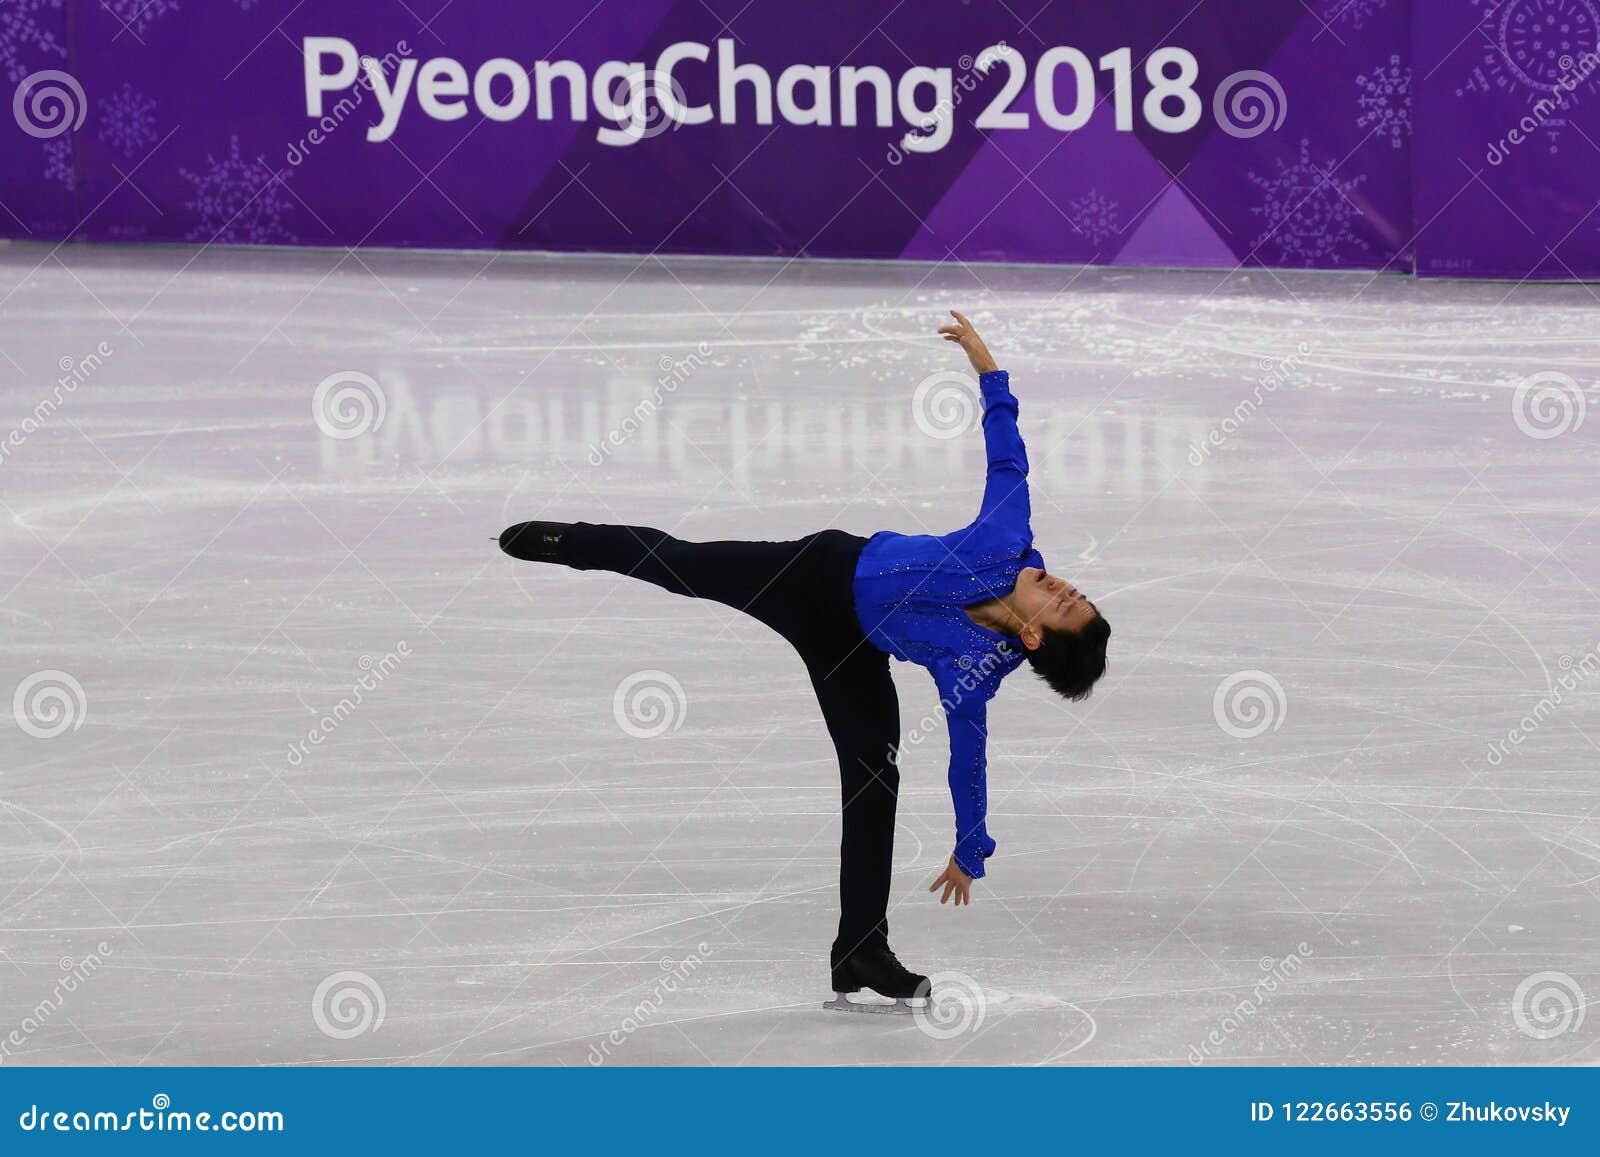 Το Denis οι Δέκα του Καζακστάν εκτελεί στα άτομα το ενιαίο σύντομο πρόγραμμα πατινάζ στους 2018 χειμερινούς Ολυμπιακούς Αγώνες